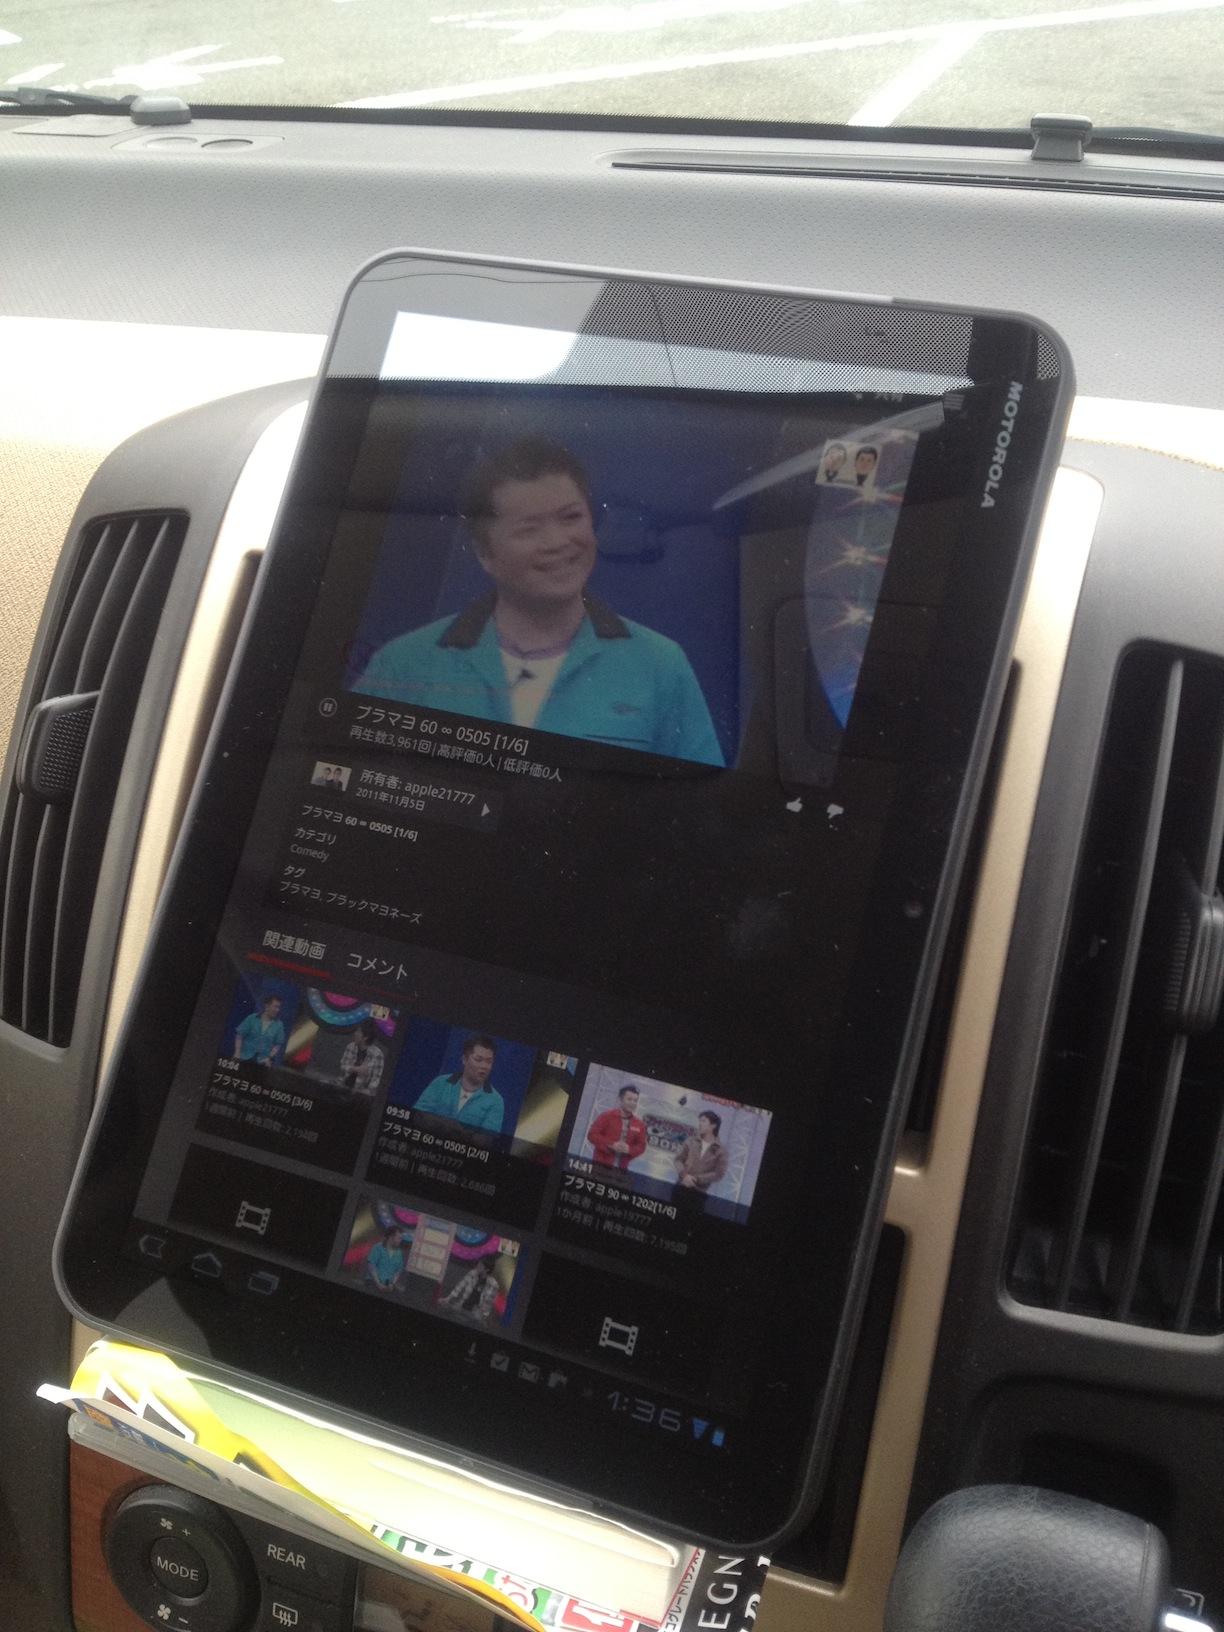 カーナビでYouTubeを観るには? XOOMを活用してみた #xoomjp #photonjp